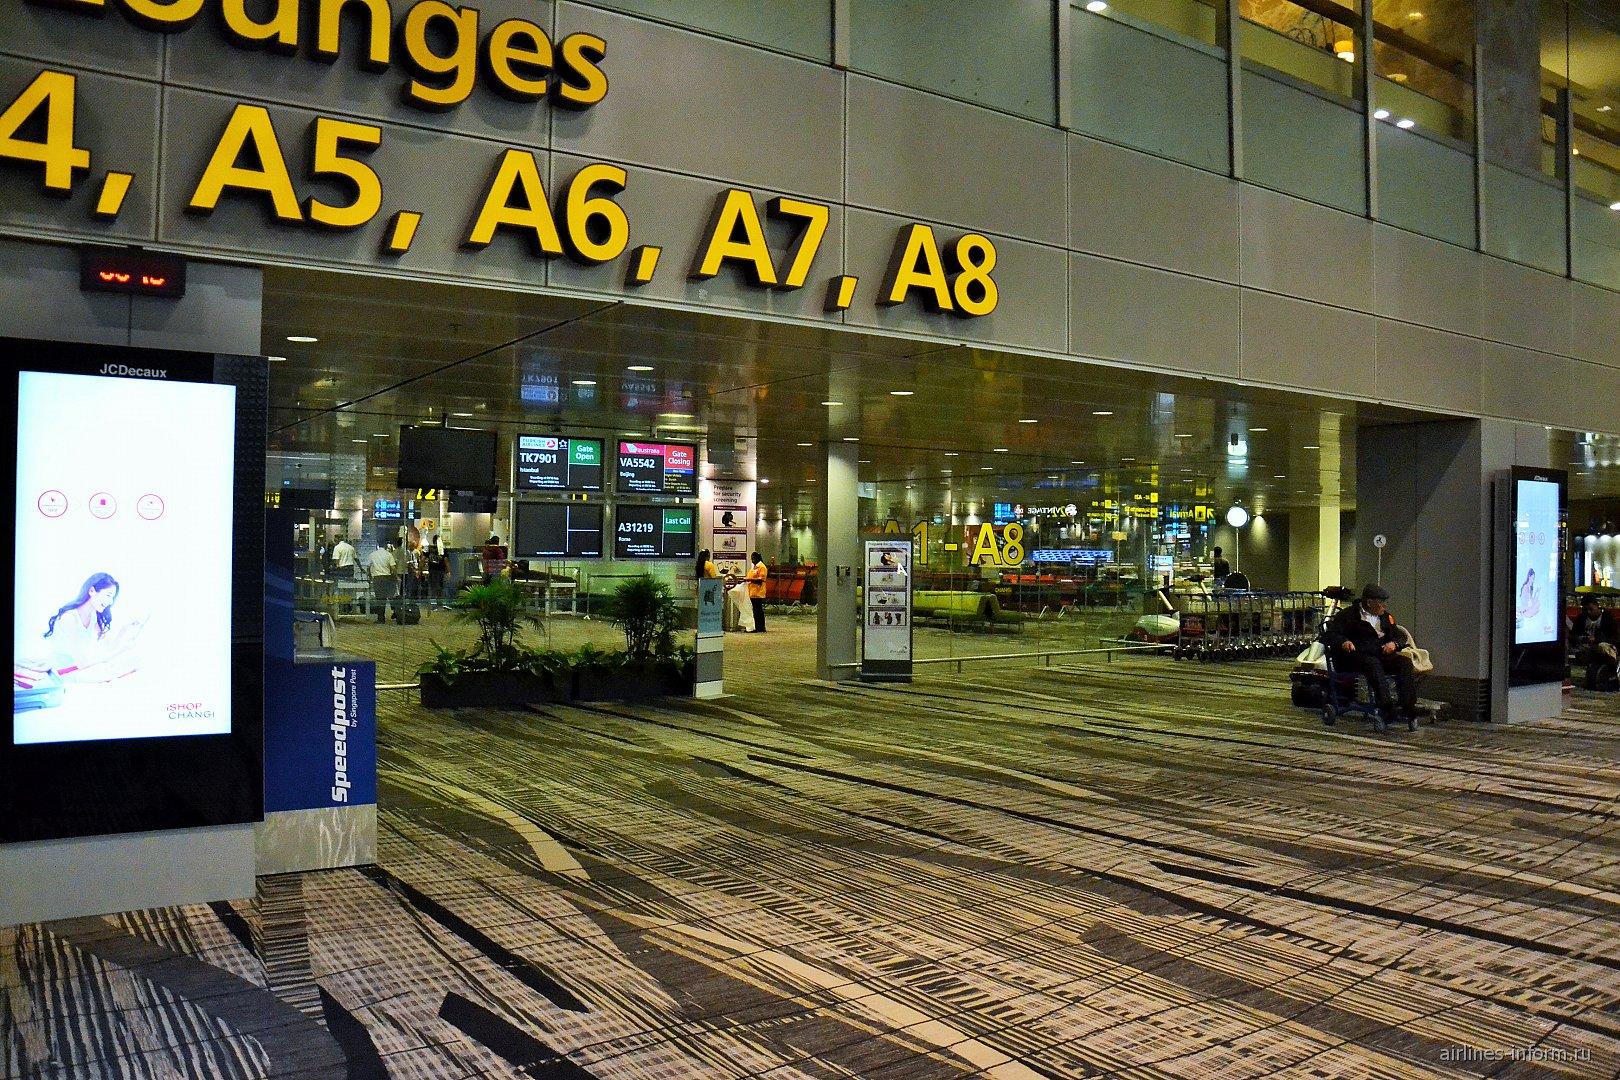 Сектор А выходов на посадку в терминале 3 аэропорта Чанги